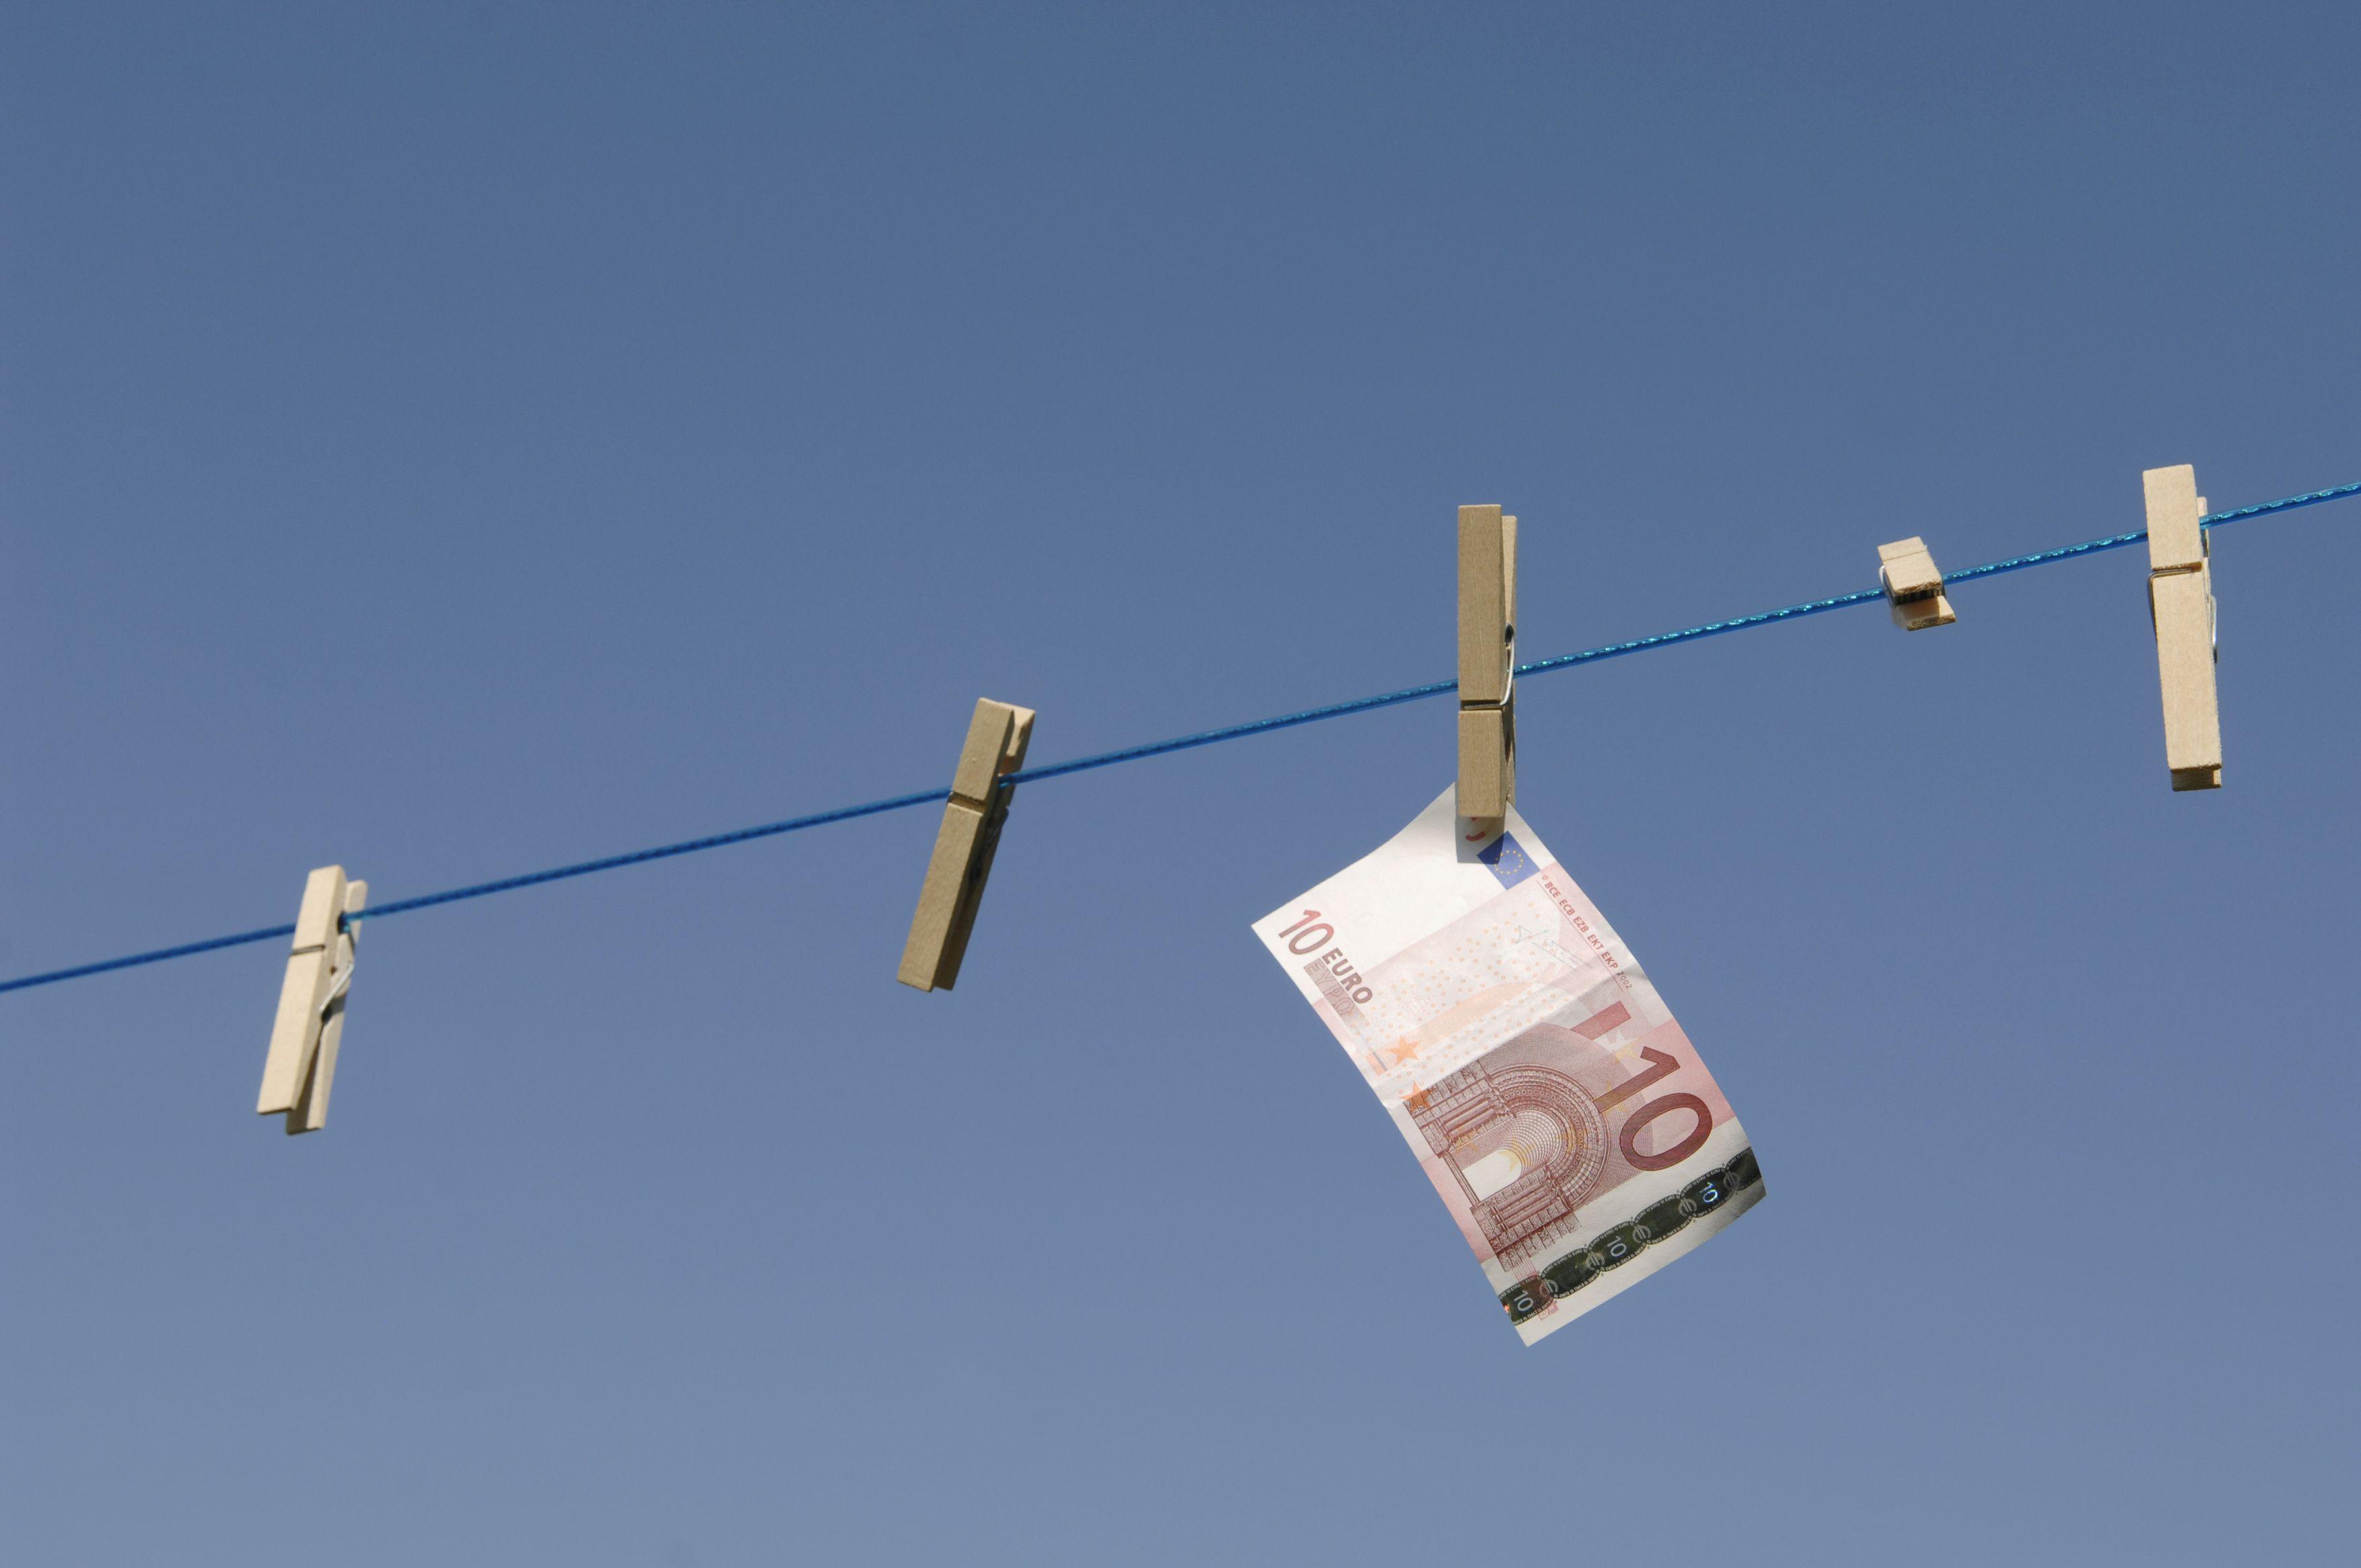 张明:增长预期全球降中国稳,增量配置外避险内风险